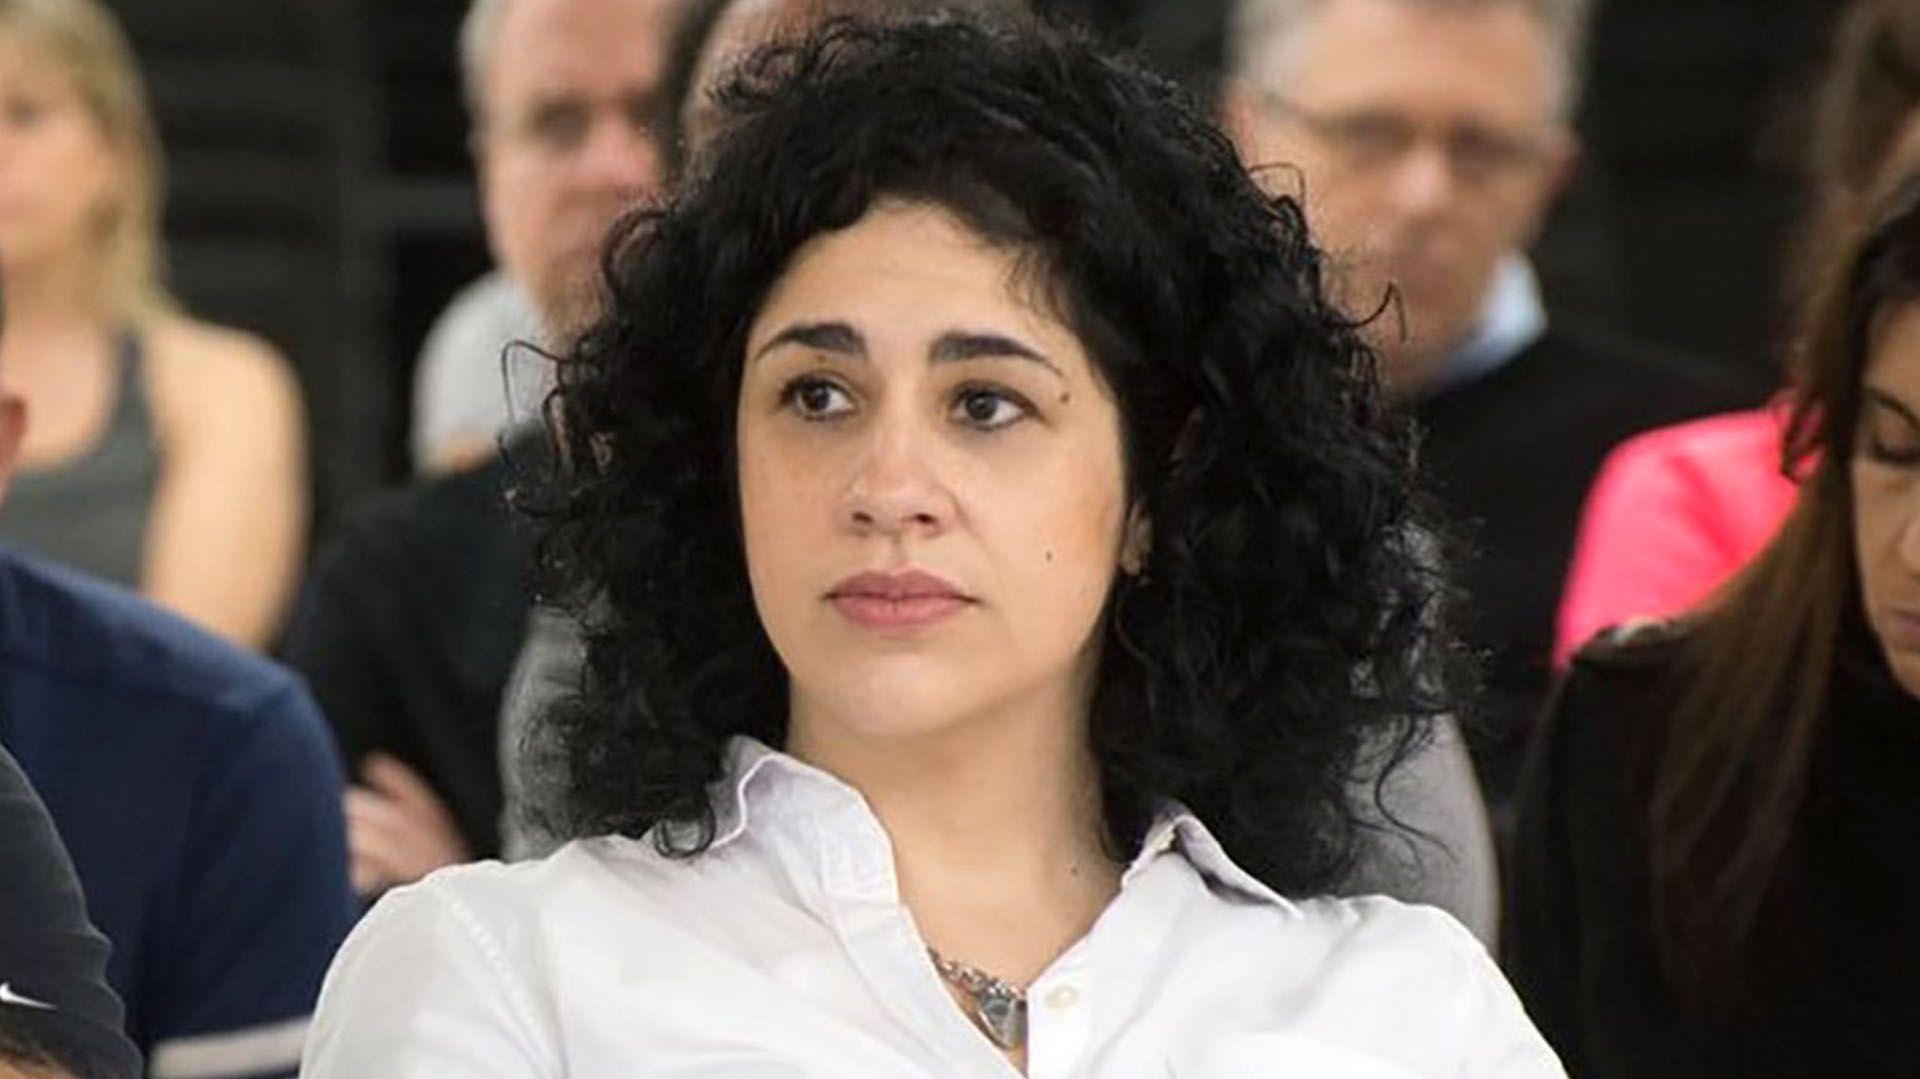 La economista y candidata a senadora por la Ciudad de Buenos Aires fue sorprendida el viernes a la tarde al intentar robar mercadería de un supermercado